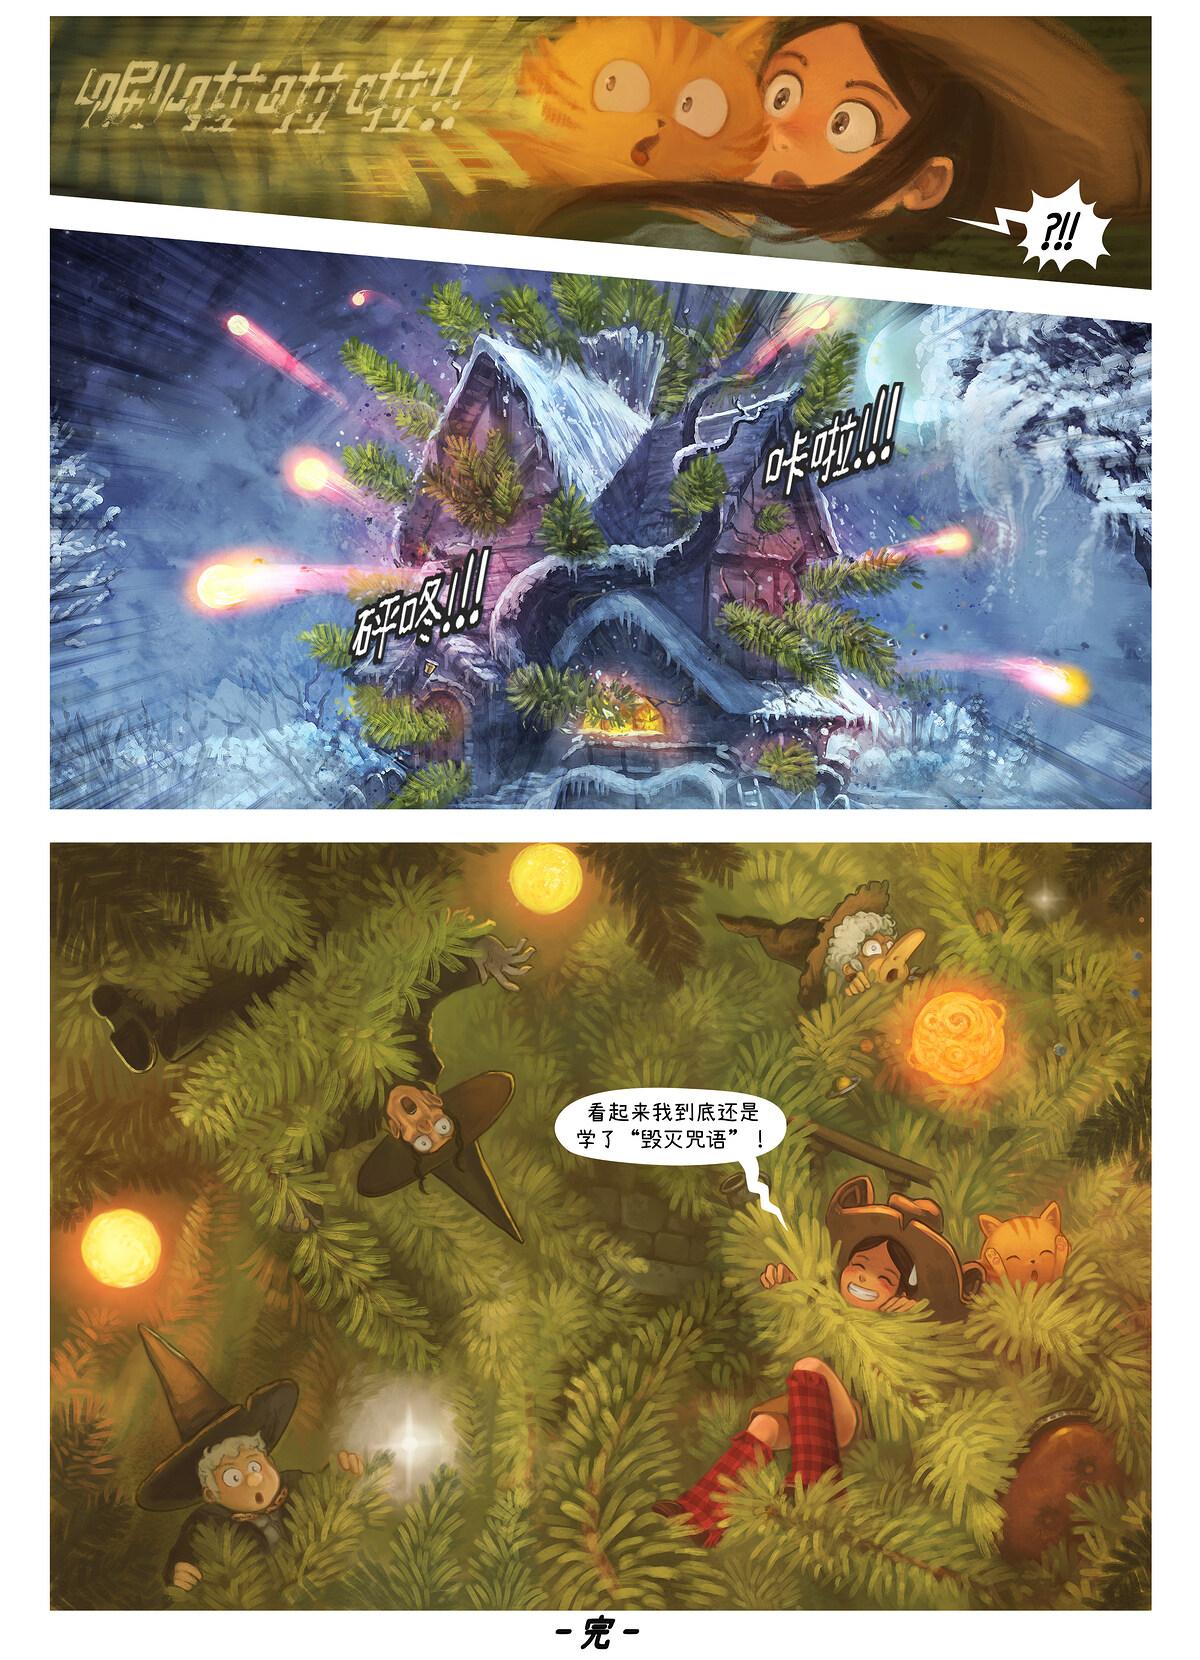 第24集:团结树, Page 7